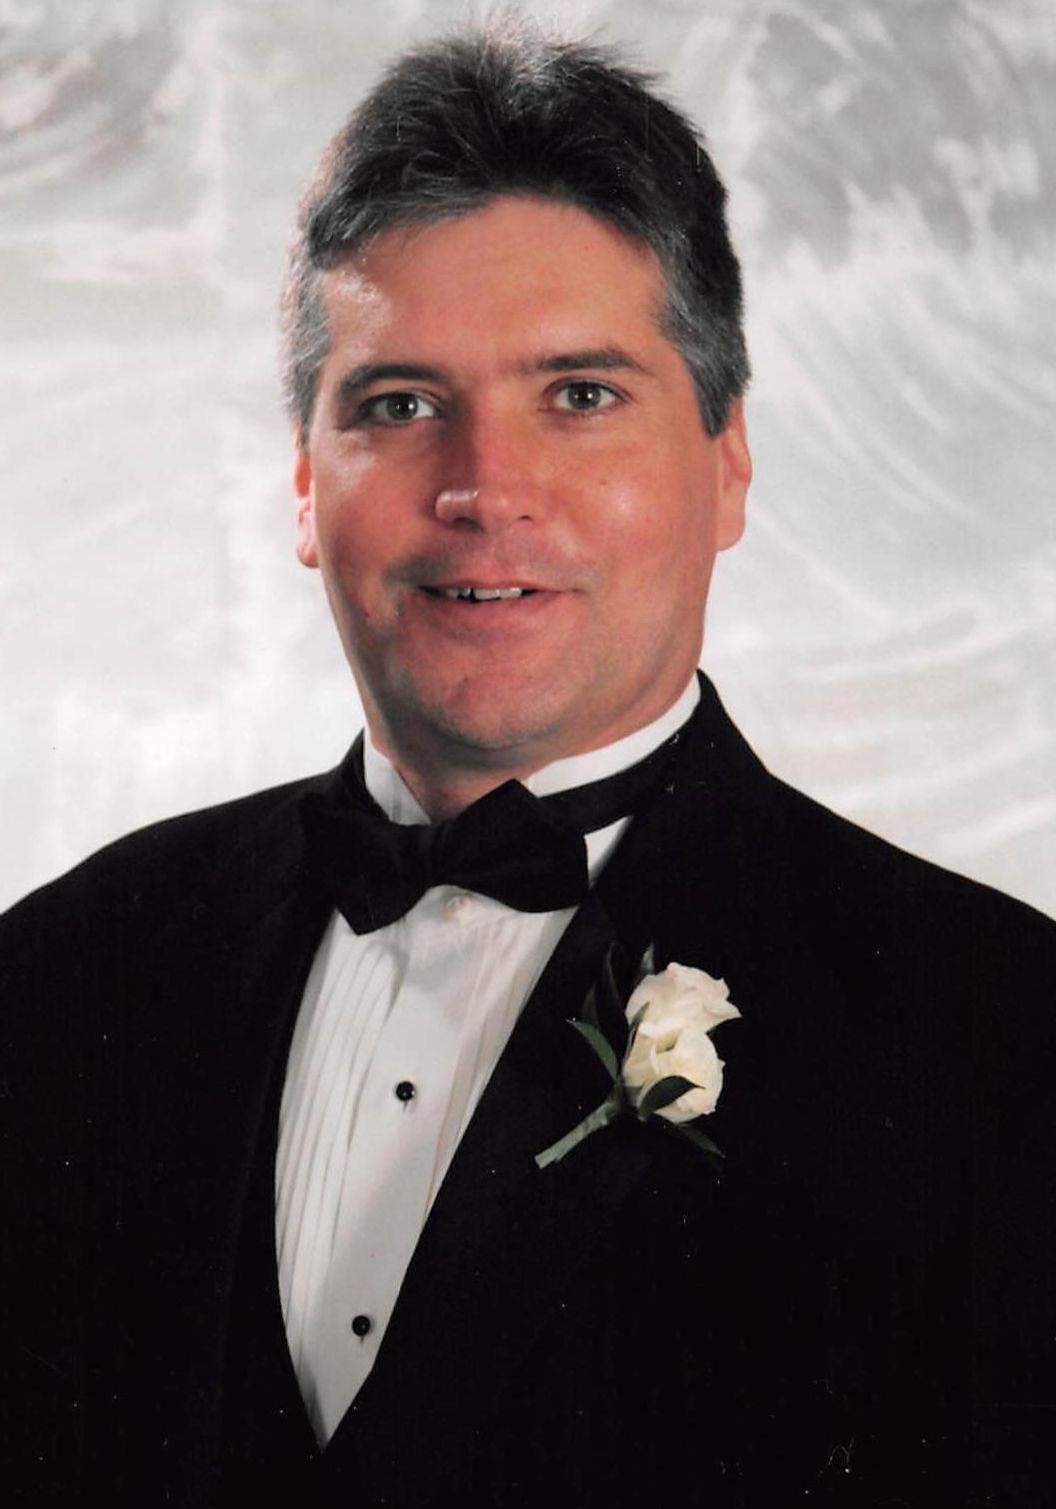 Jeff A. Frazier